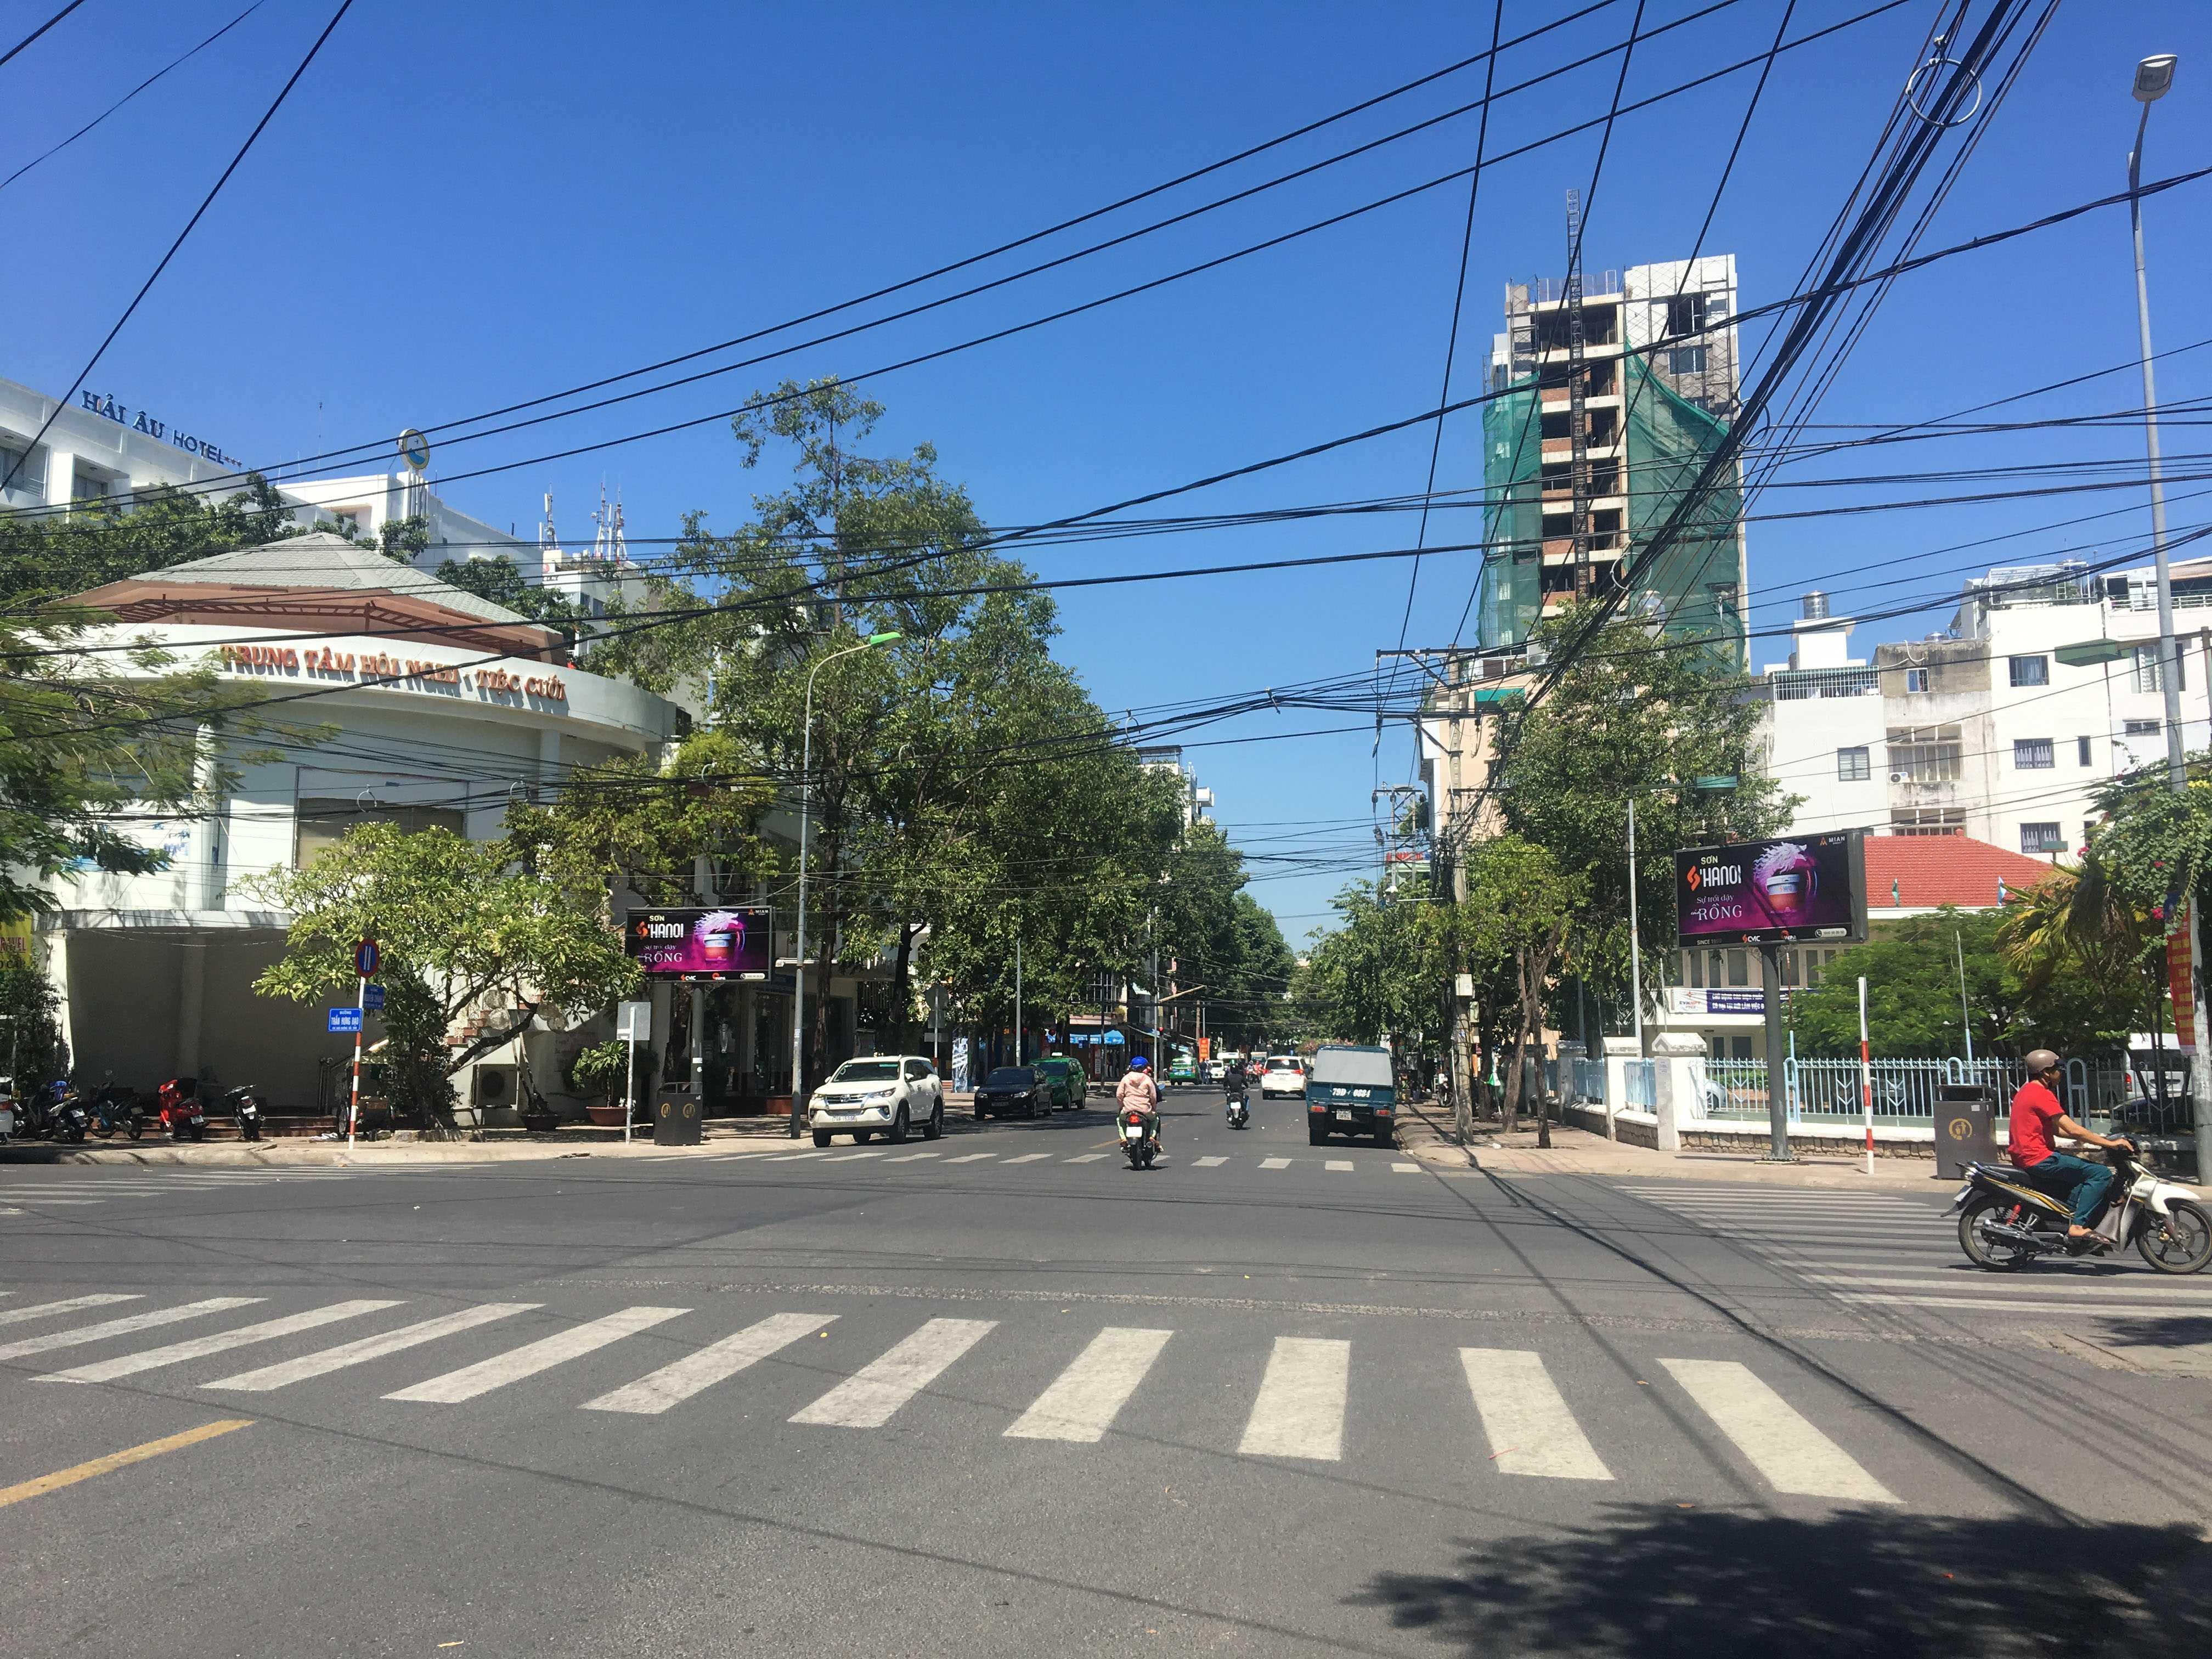 Quảng cáo hộp đèn vỉa hè đường Hoàng Hoa Thám - Nguyễn Chánh - Lý Tự Trọng